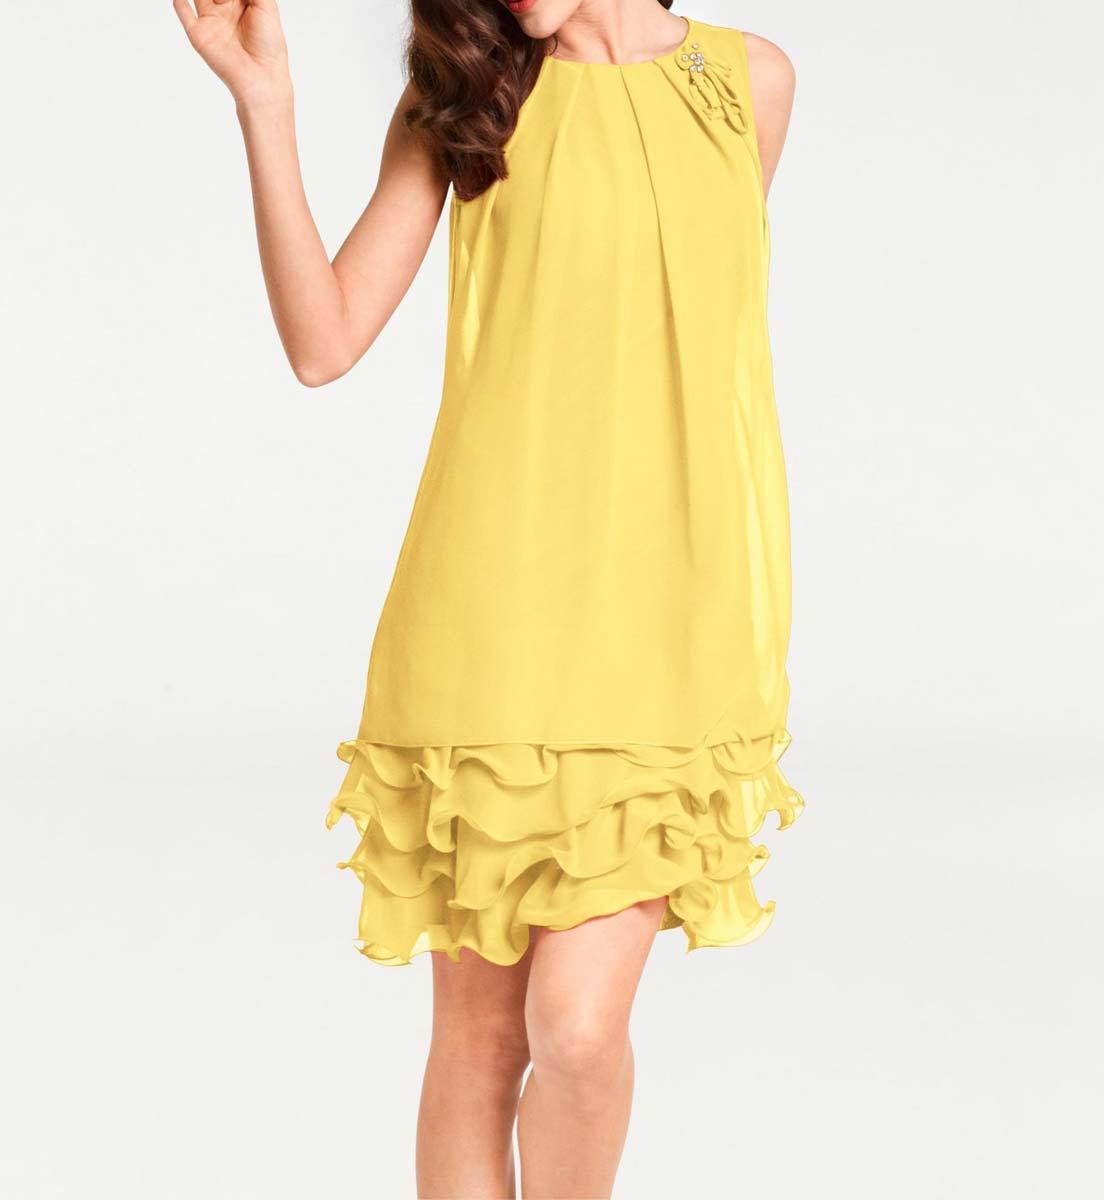 kurzes kleid für besondere anlässe Chiffonkleid, gelb 010.627a Missforty